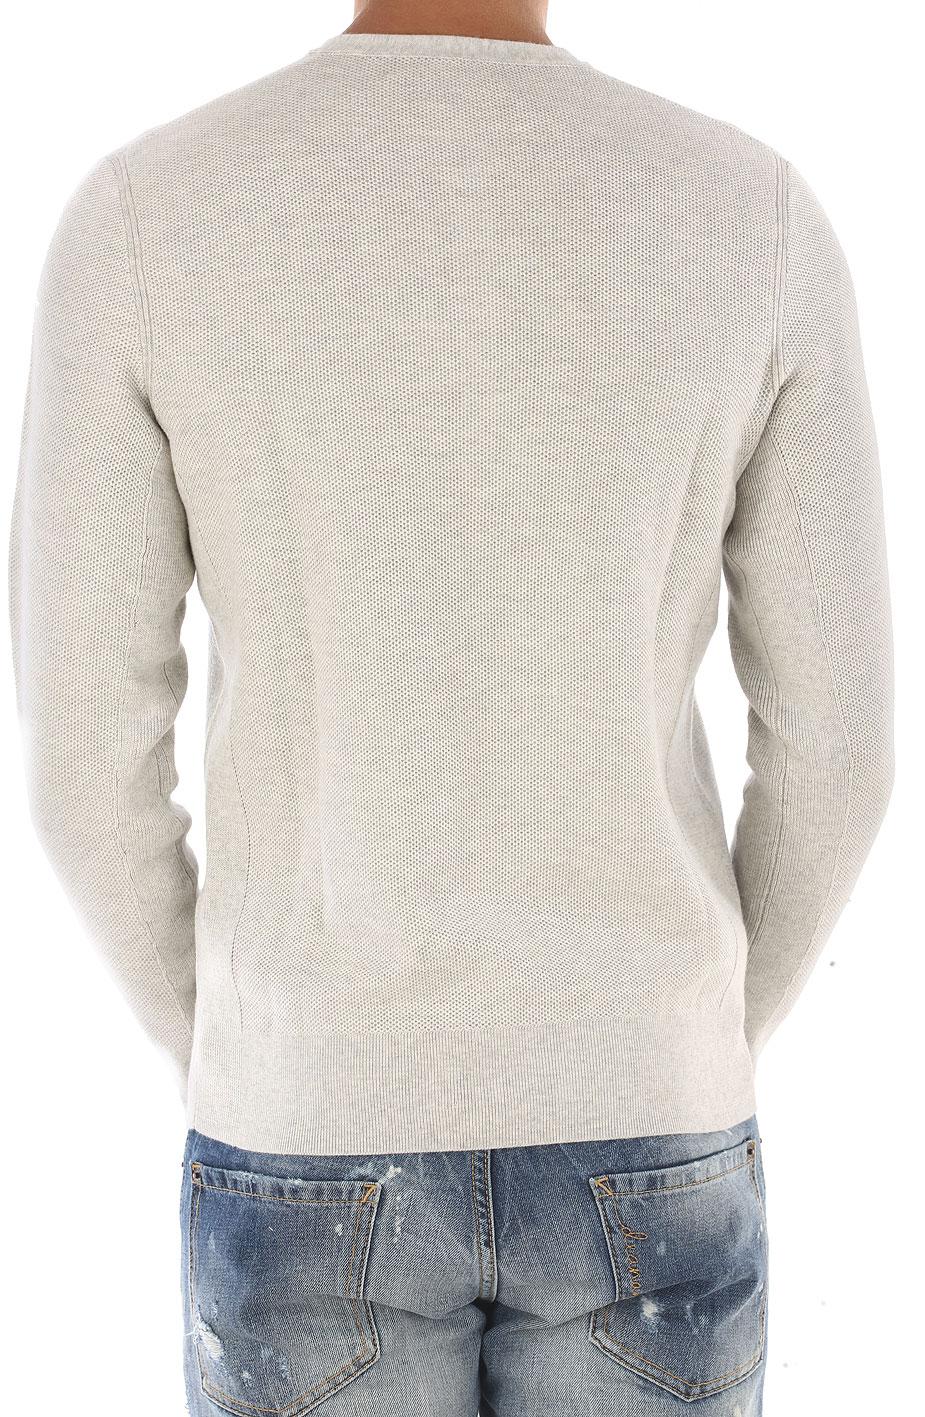 Codice Bone Articolo Abbigliamento grey ming Jean Rag amp; Uomo m266608xj CAwtaRq